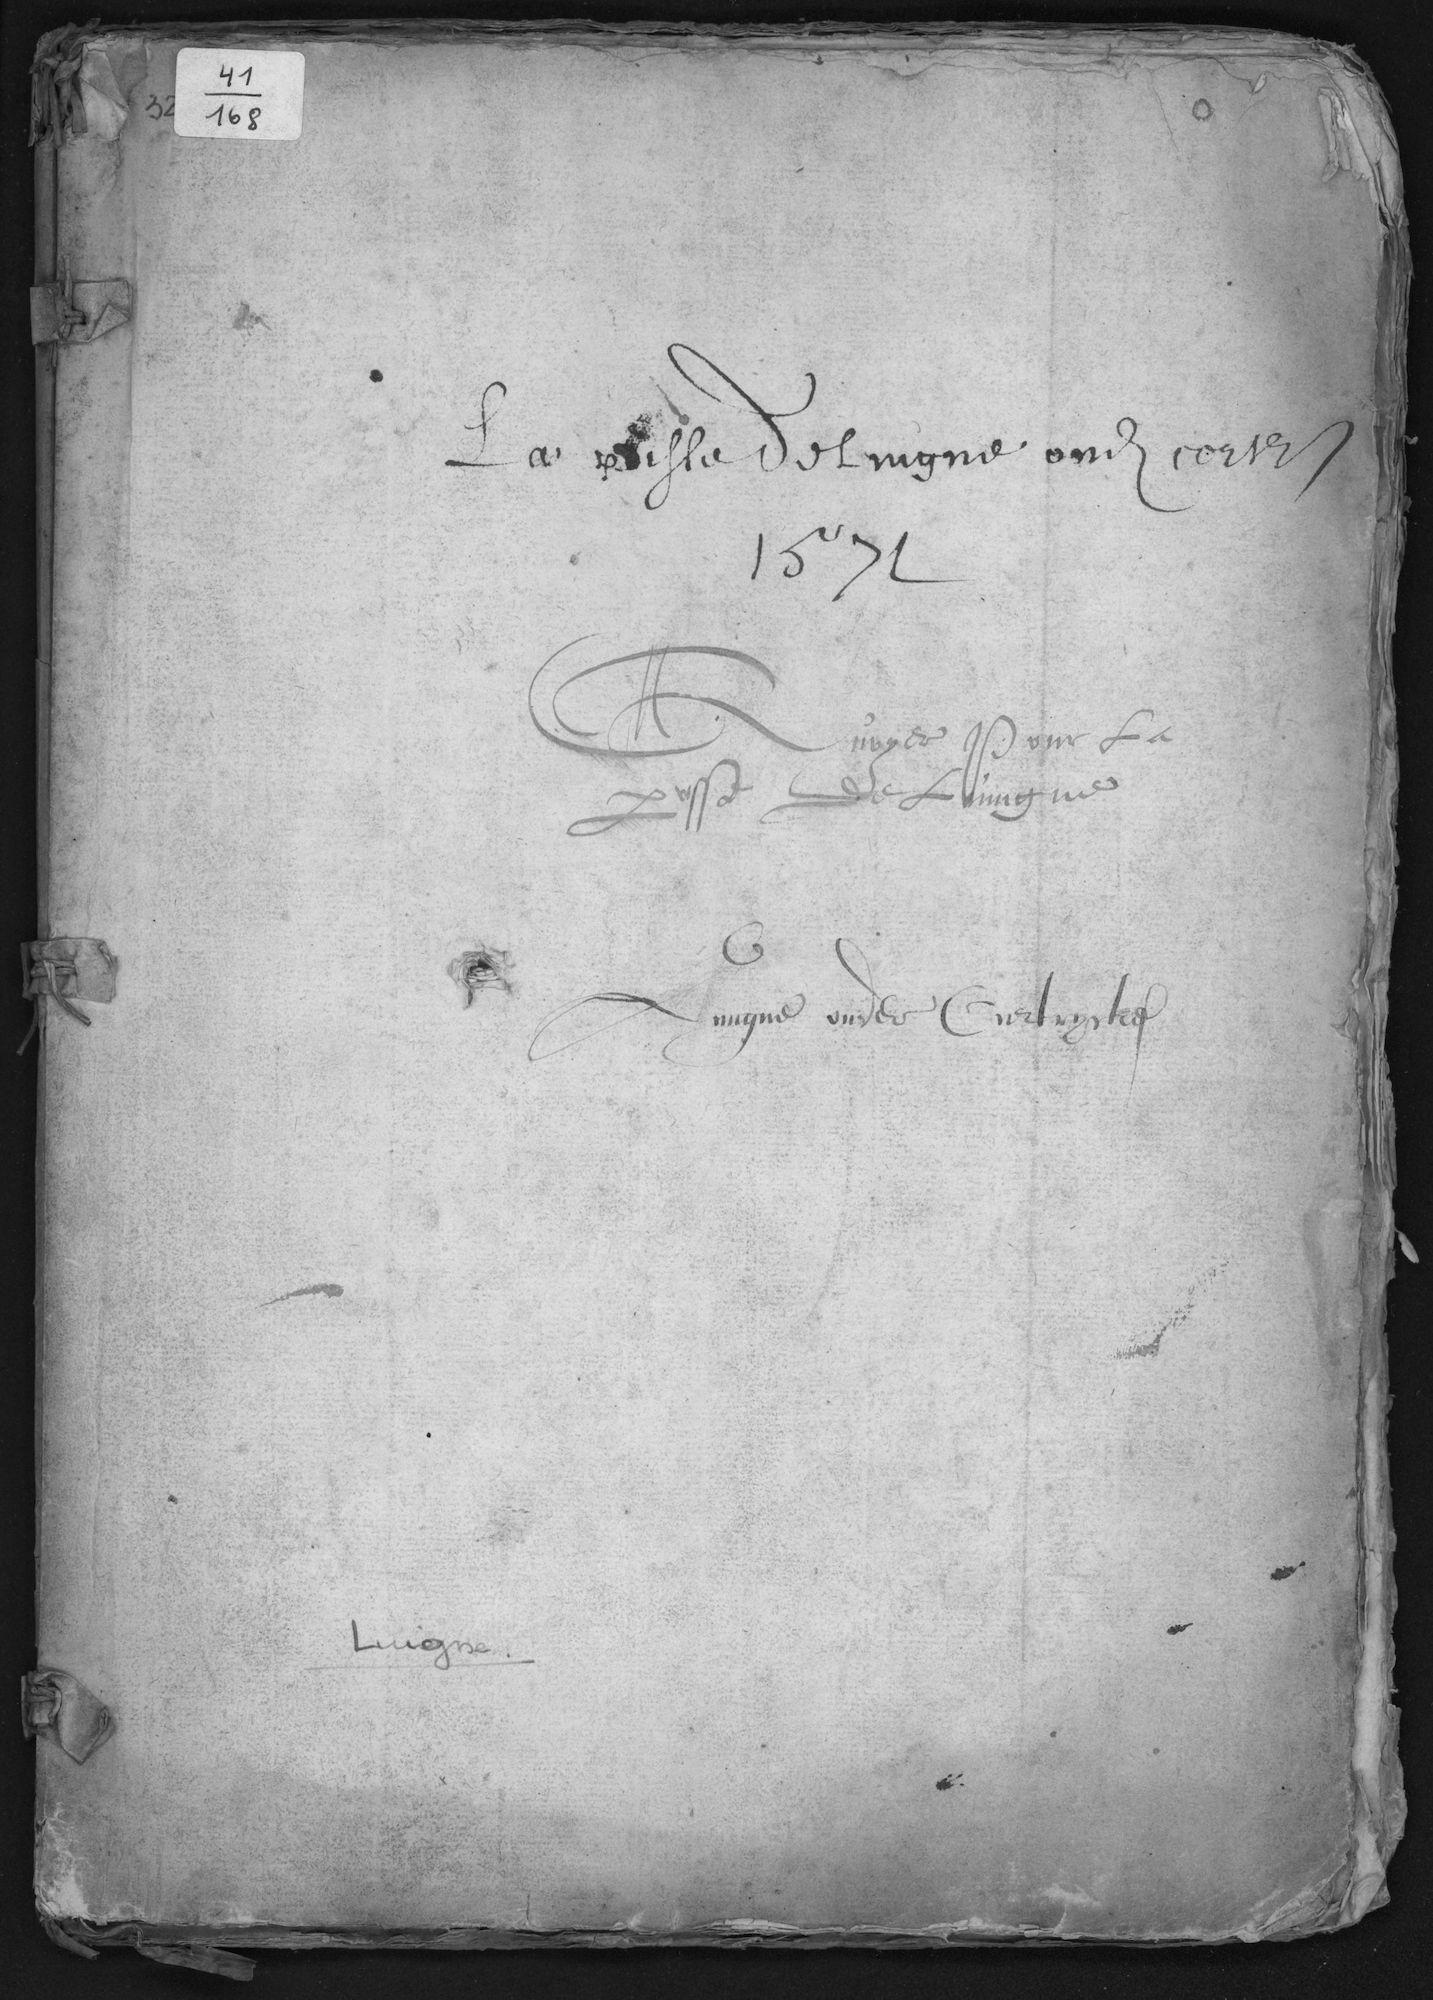 Kohier van de 20ste penning in Luingne (Lowingen) (kasselrij van Kortrijk), 1571